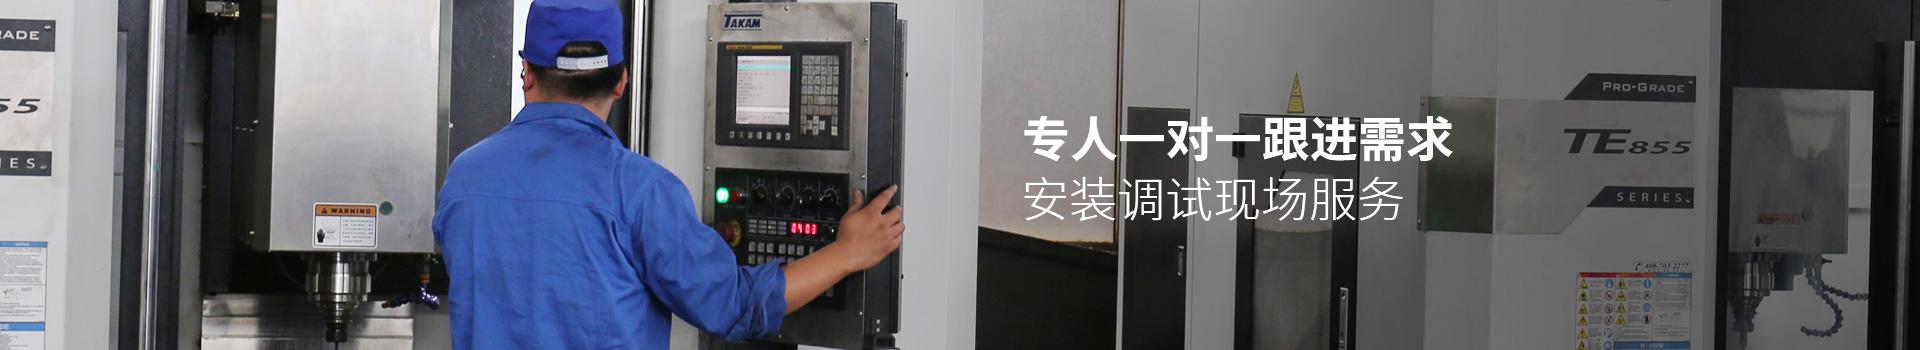 矿用筛分设备配件